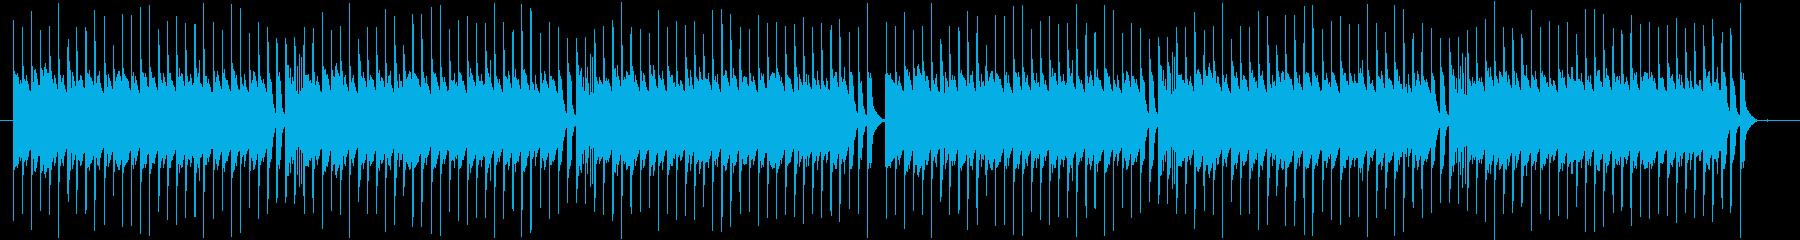 和風ドタバタ曲の再生済みの波形